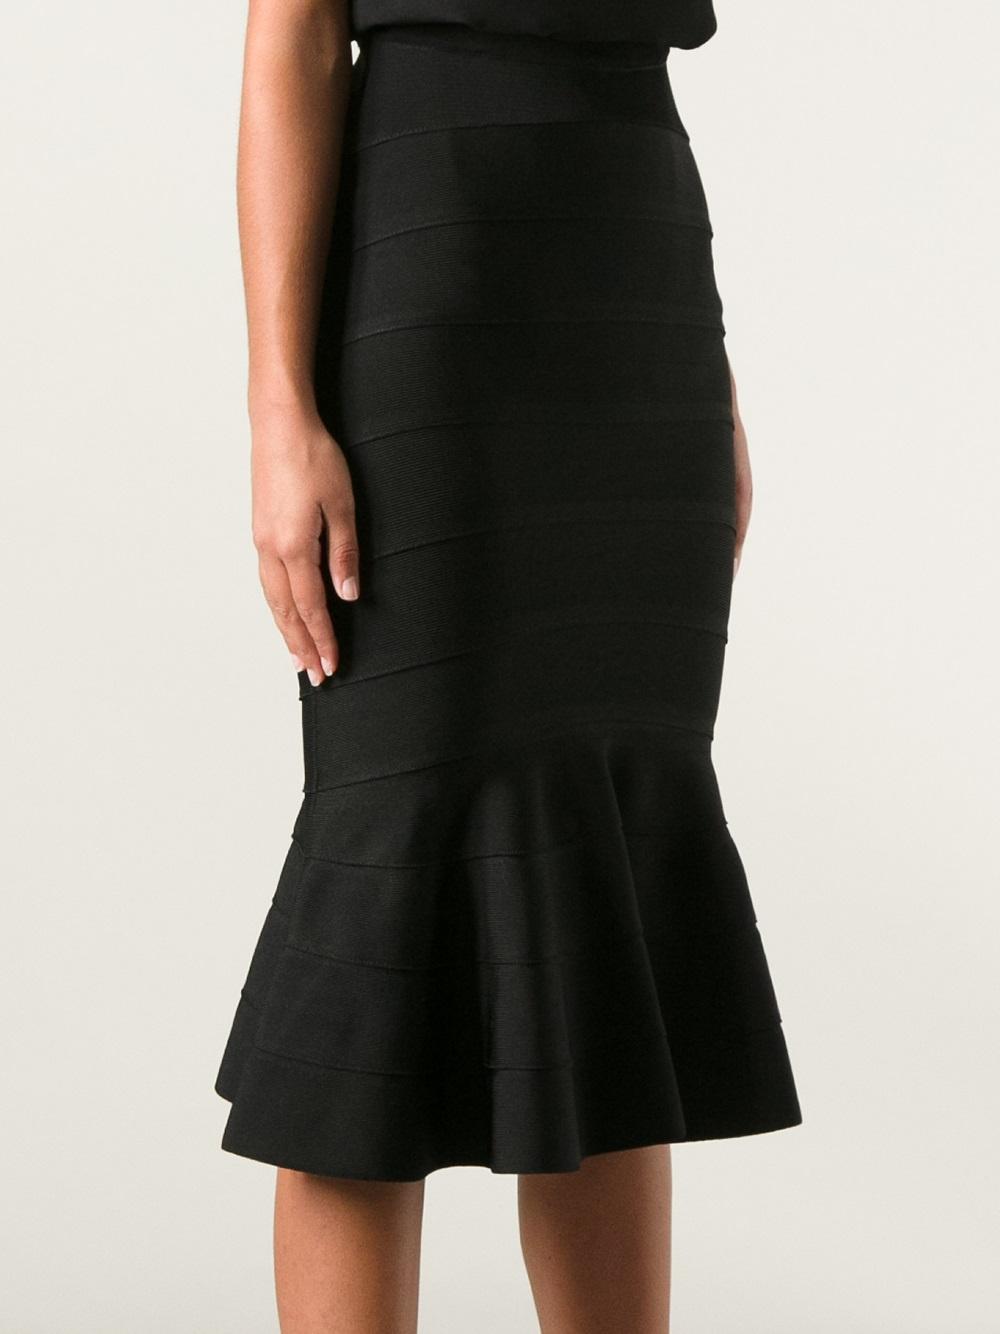 givenchy ribbed knit peplum hem skirt in black lyst. Black Bedroom Furniture Sets. Home Design Ideas